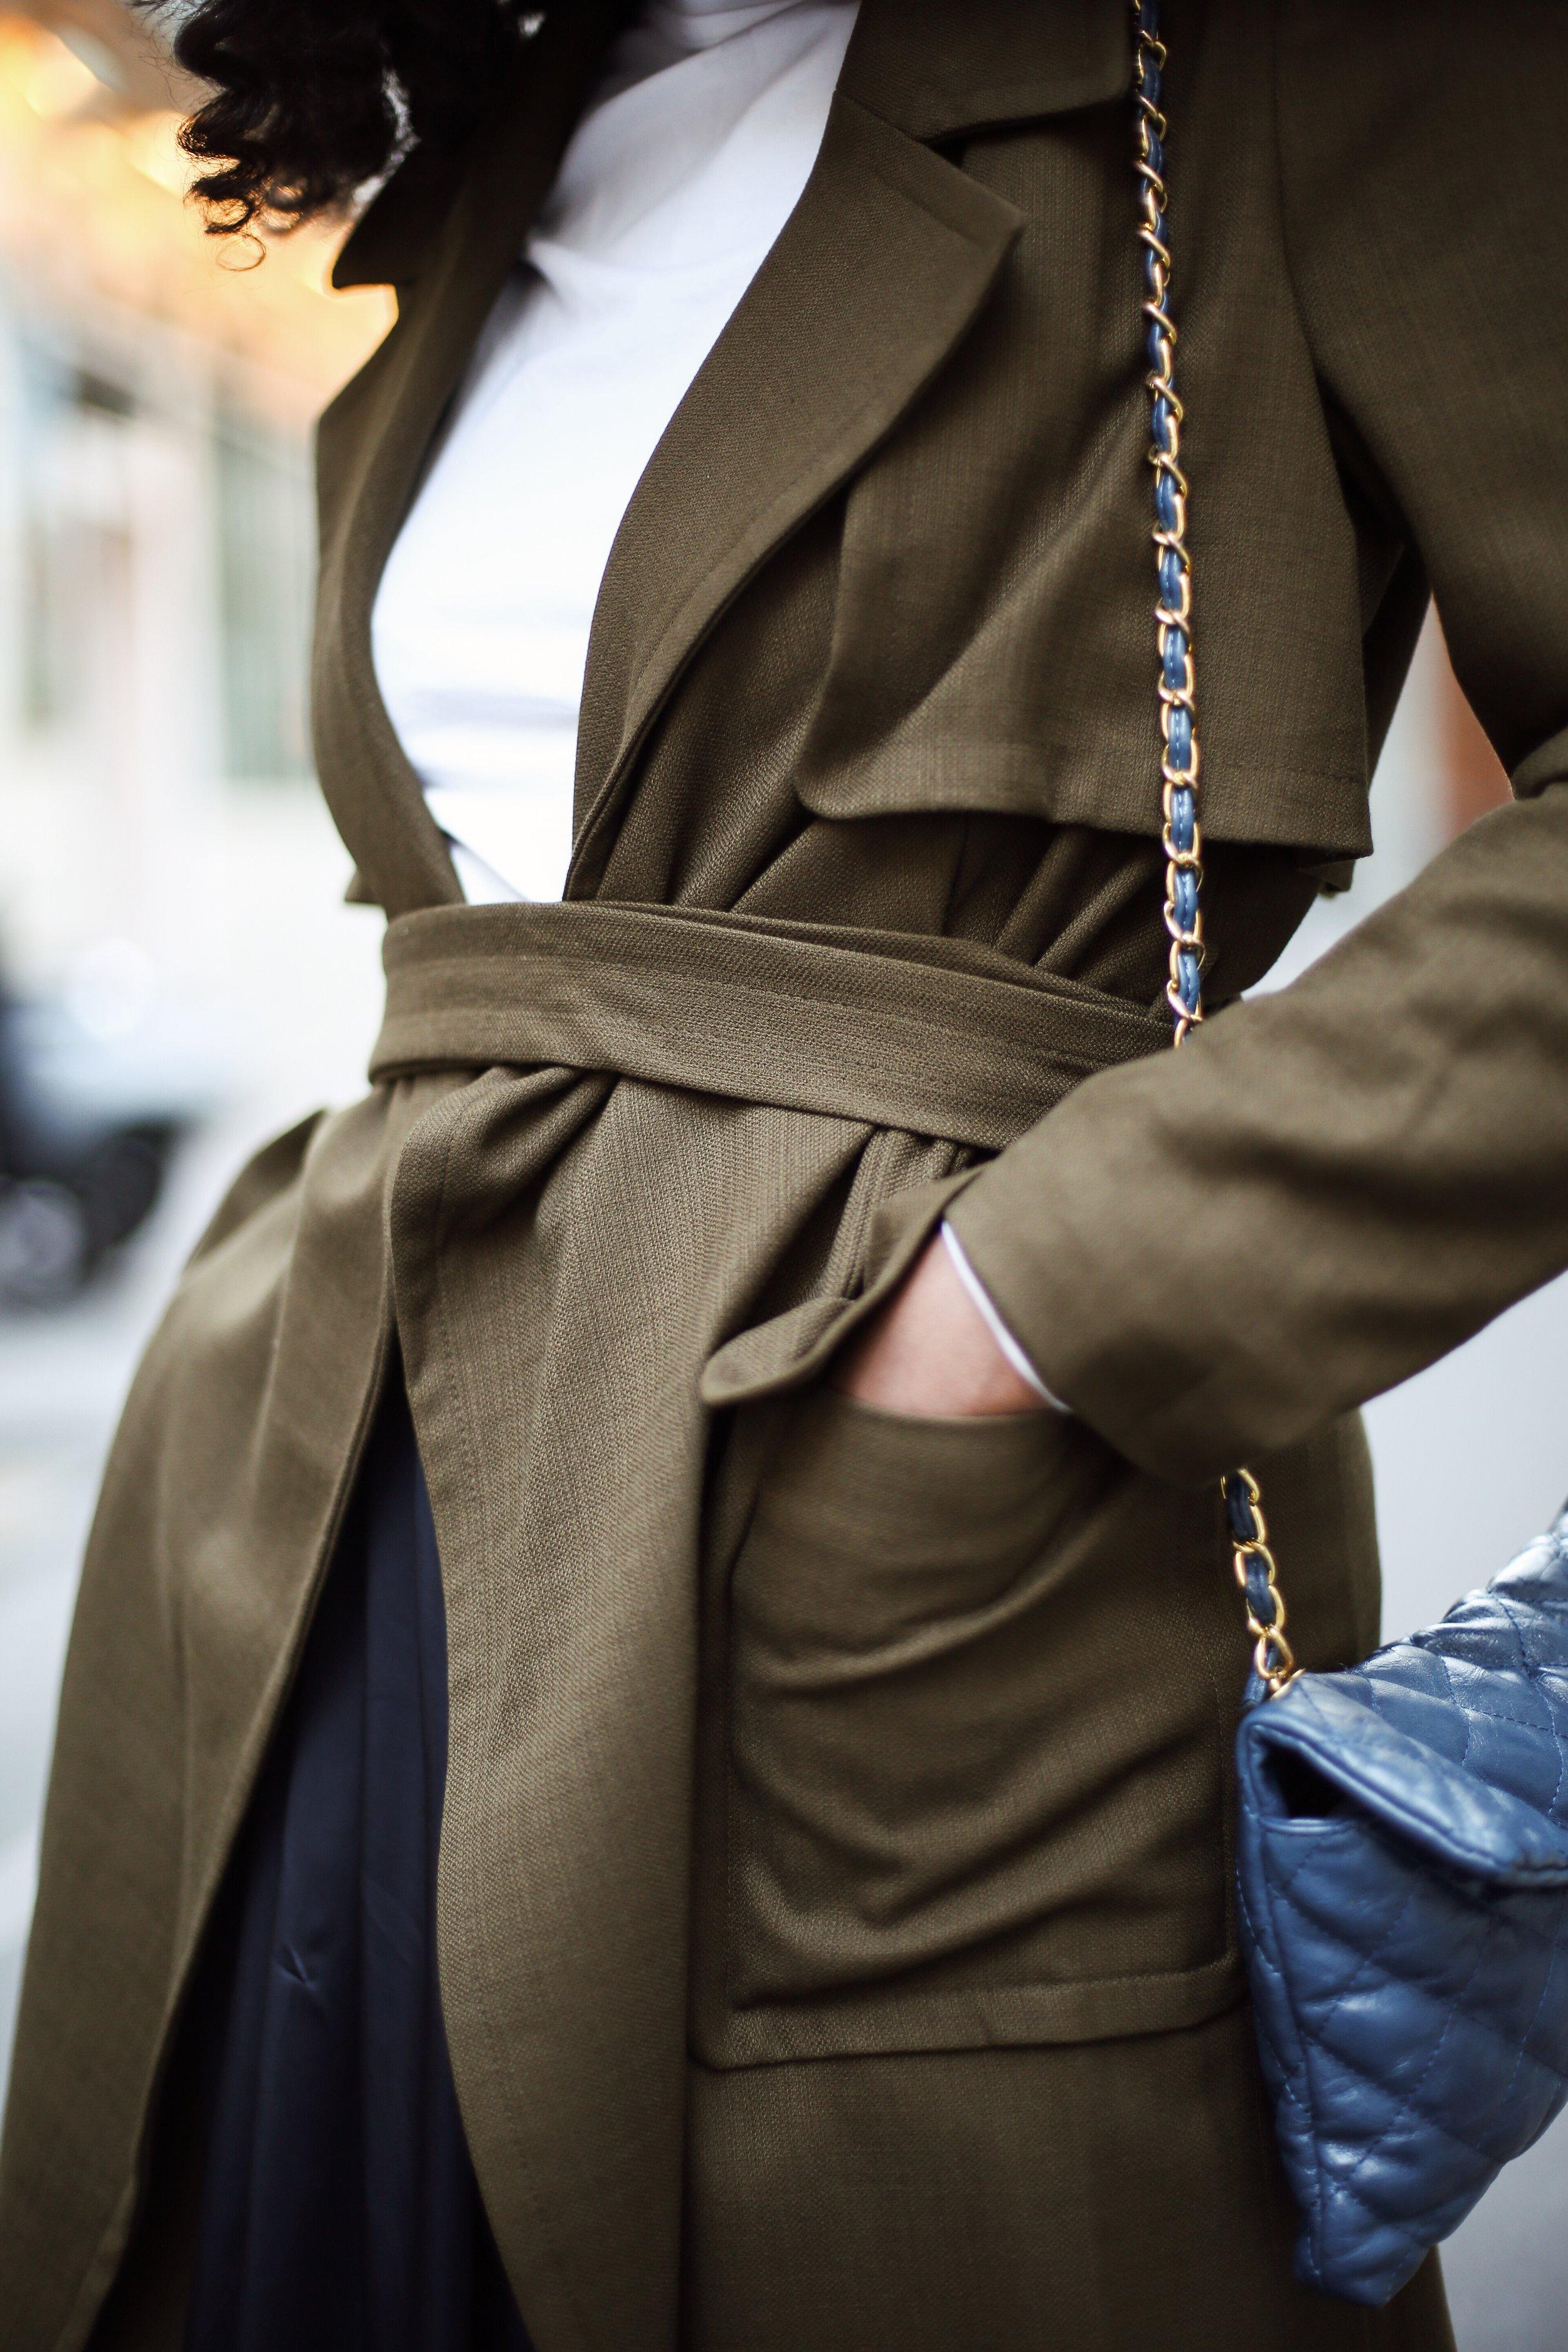 Paris Fashion Week Olive Green Trench | Asiyami Gold